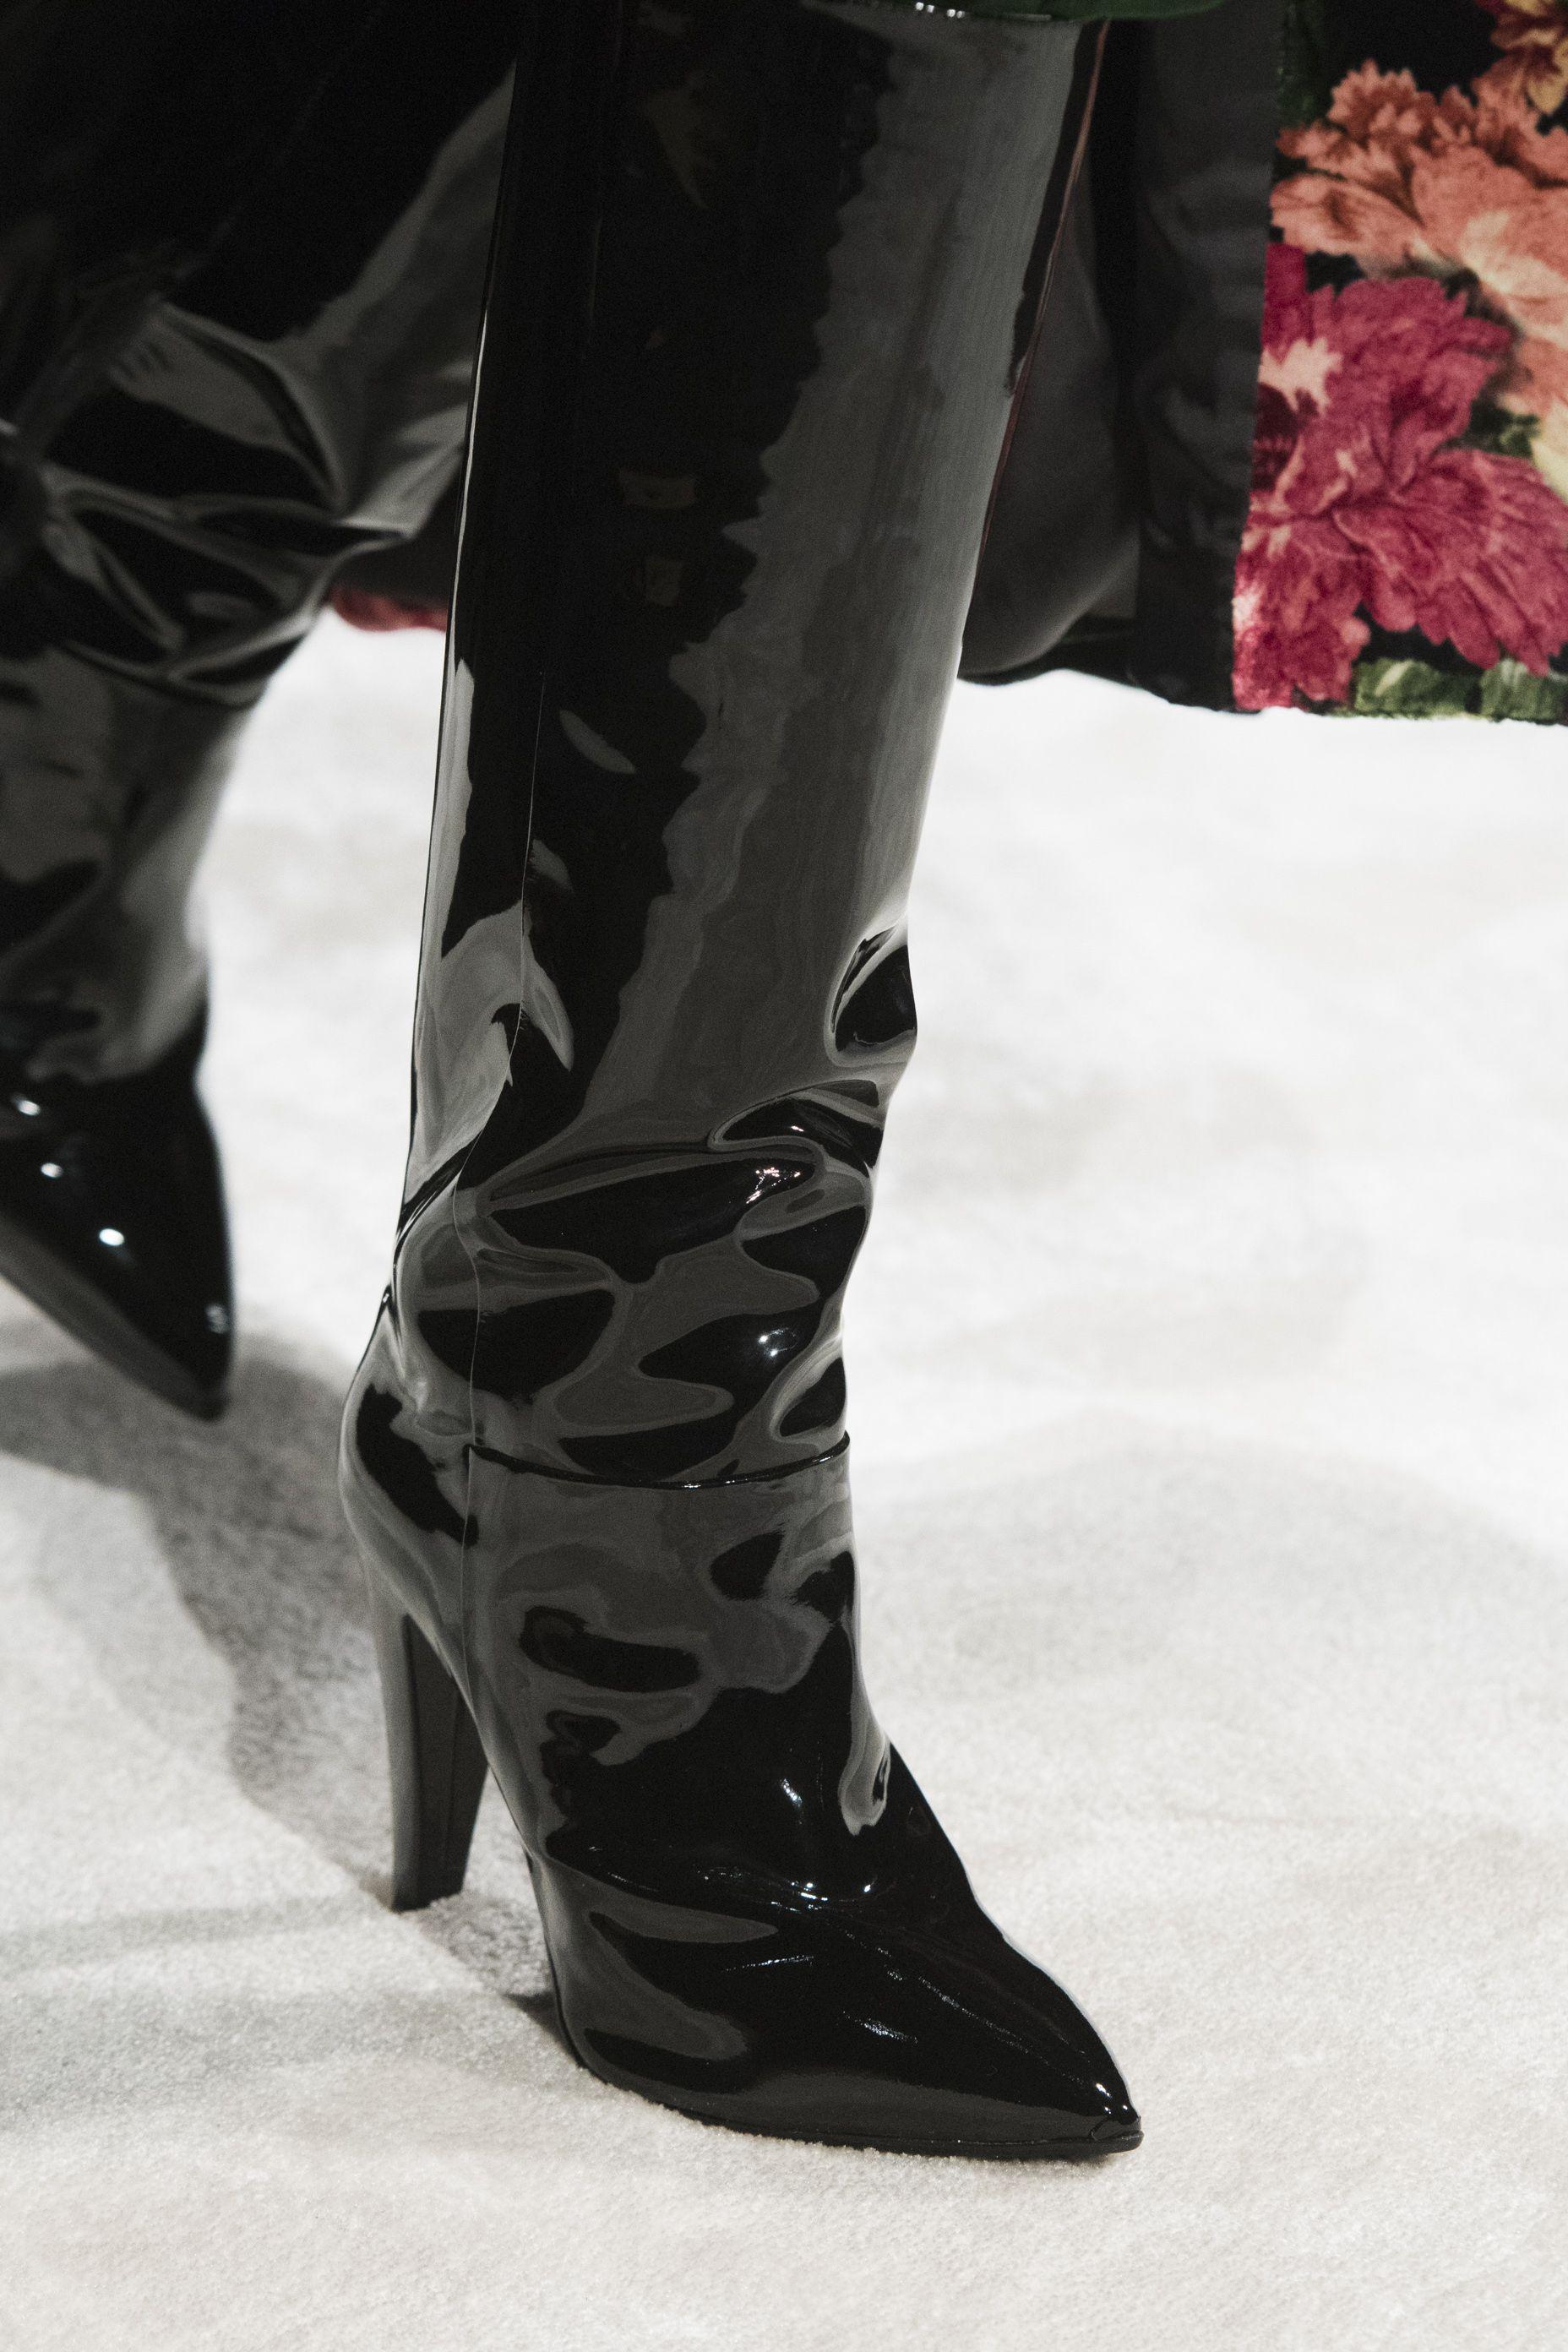 ca101391bd010 Le scarpe di moda per l Autunno Inverno 2018 2019 viste alle sfilate sono i